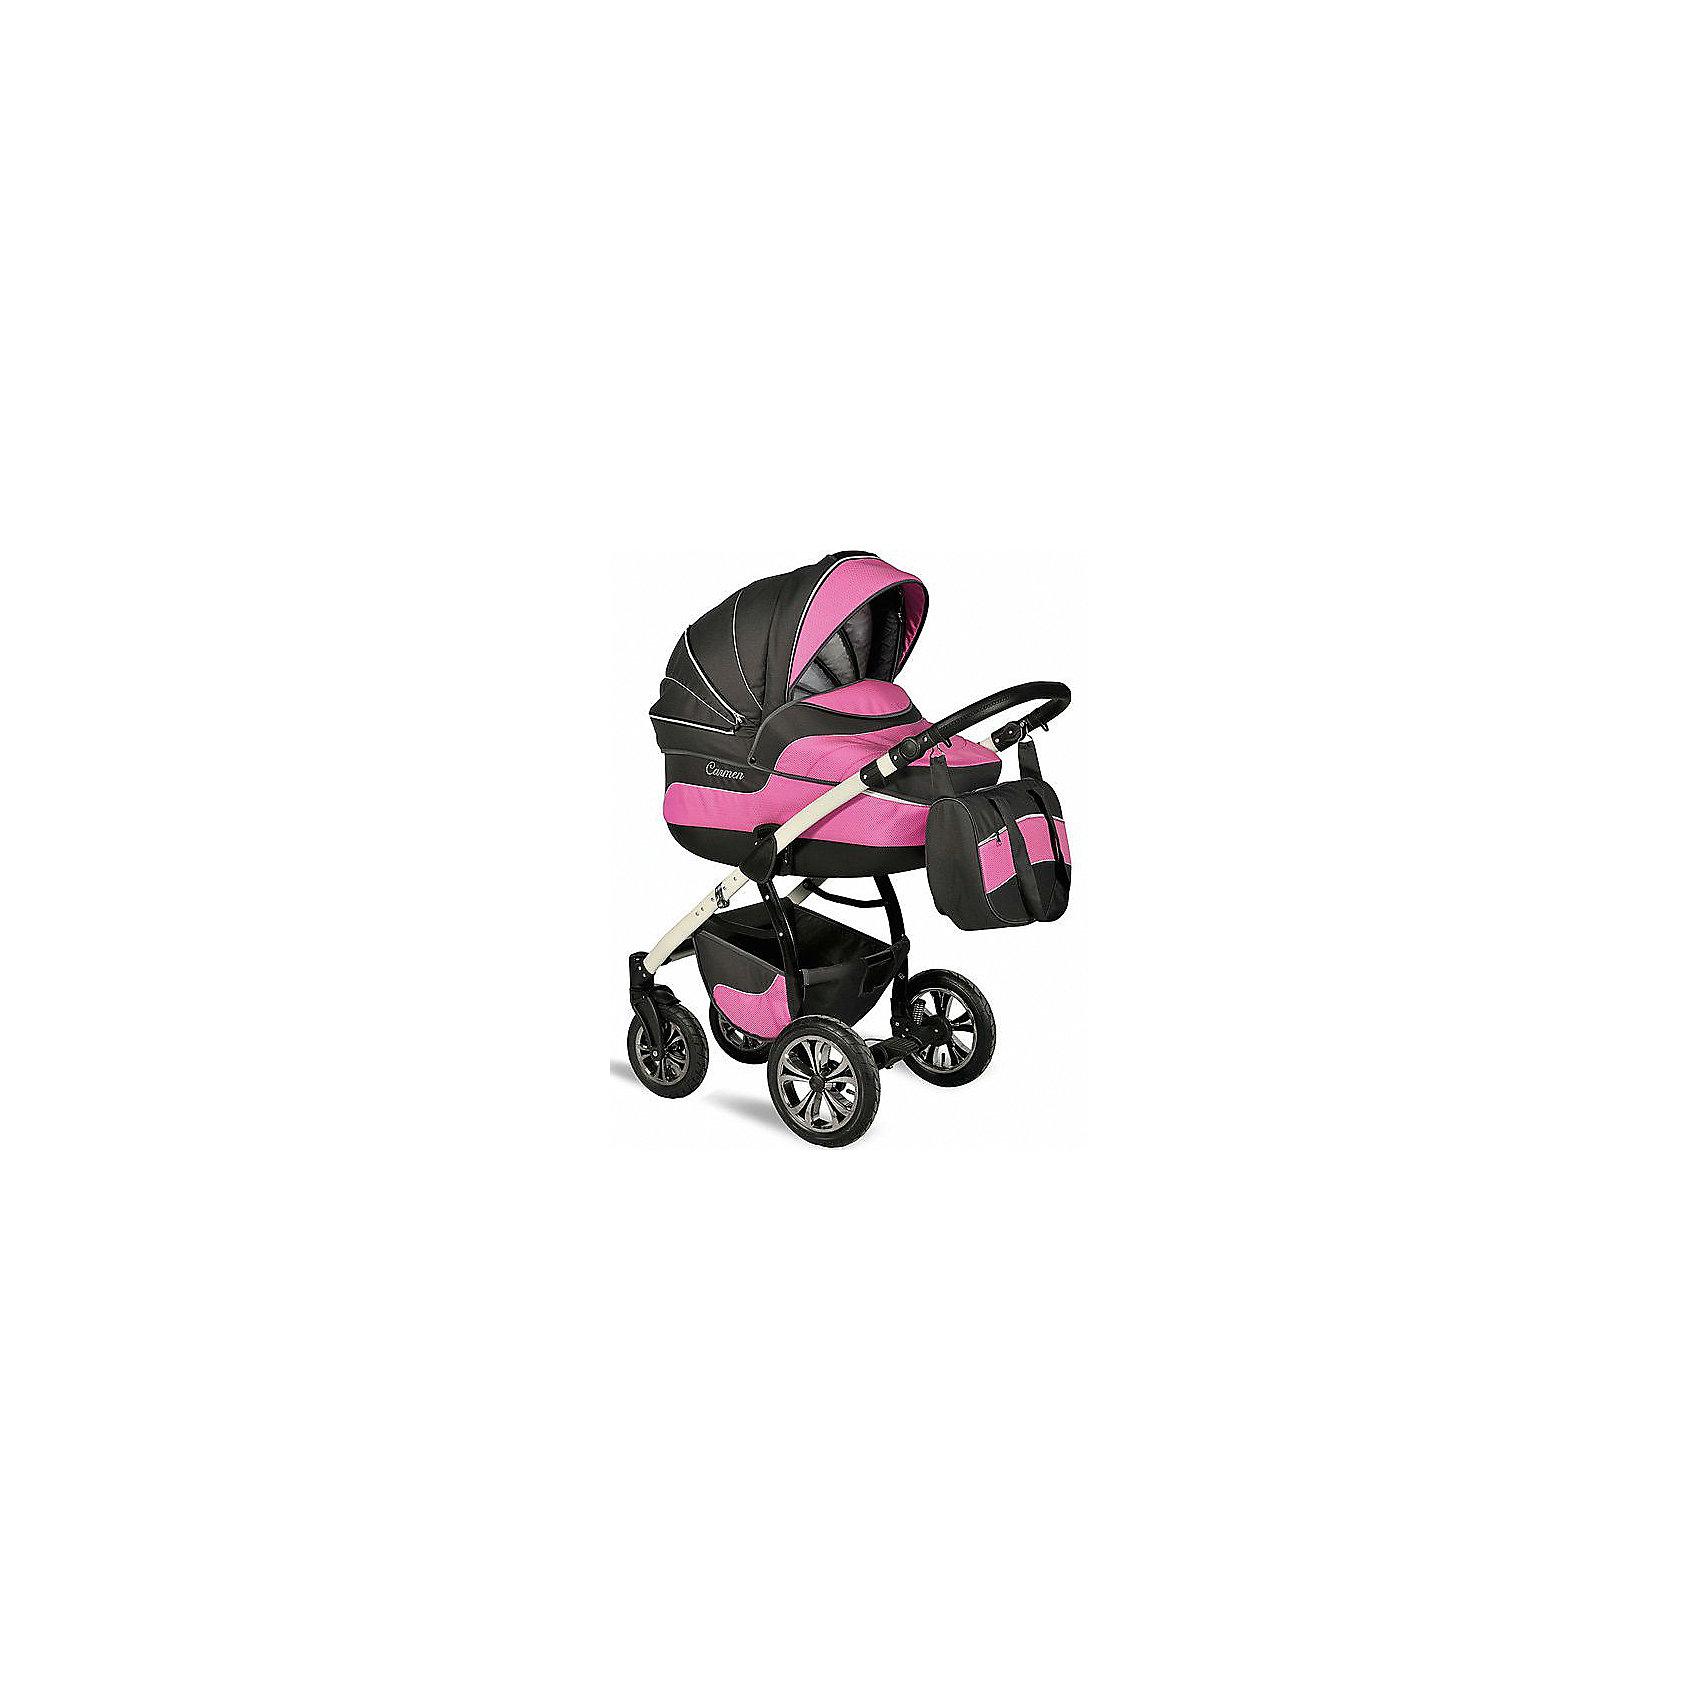 INDIGO Коляска 2 в 1 Carmen, Indigo, графит/розовый универсальная коляска indigo s 2 в 1 кожа 17 white grey